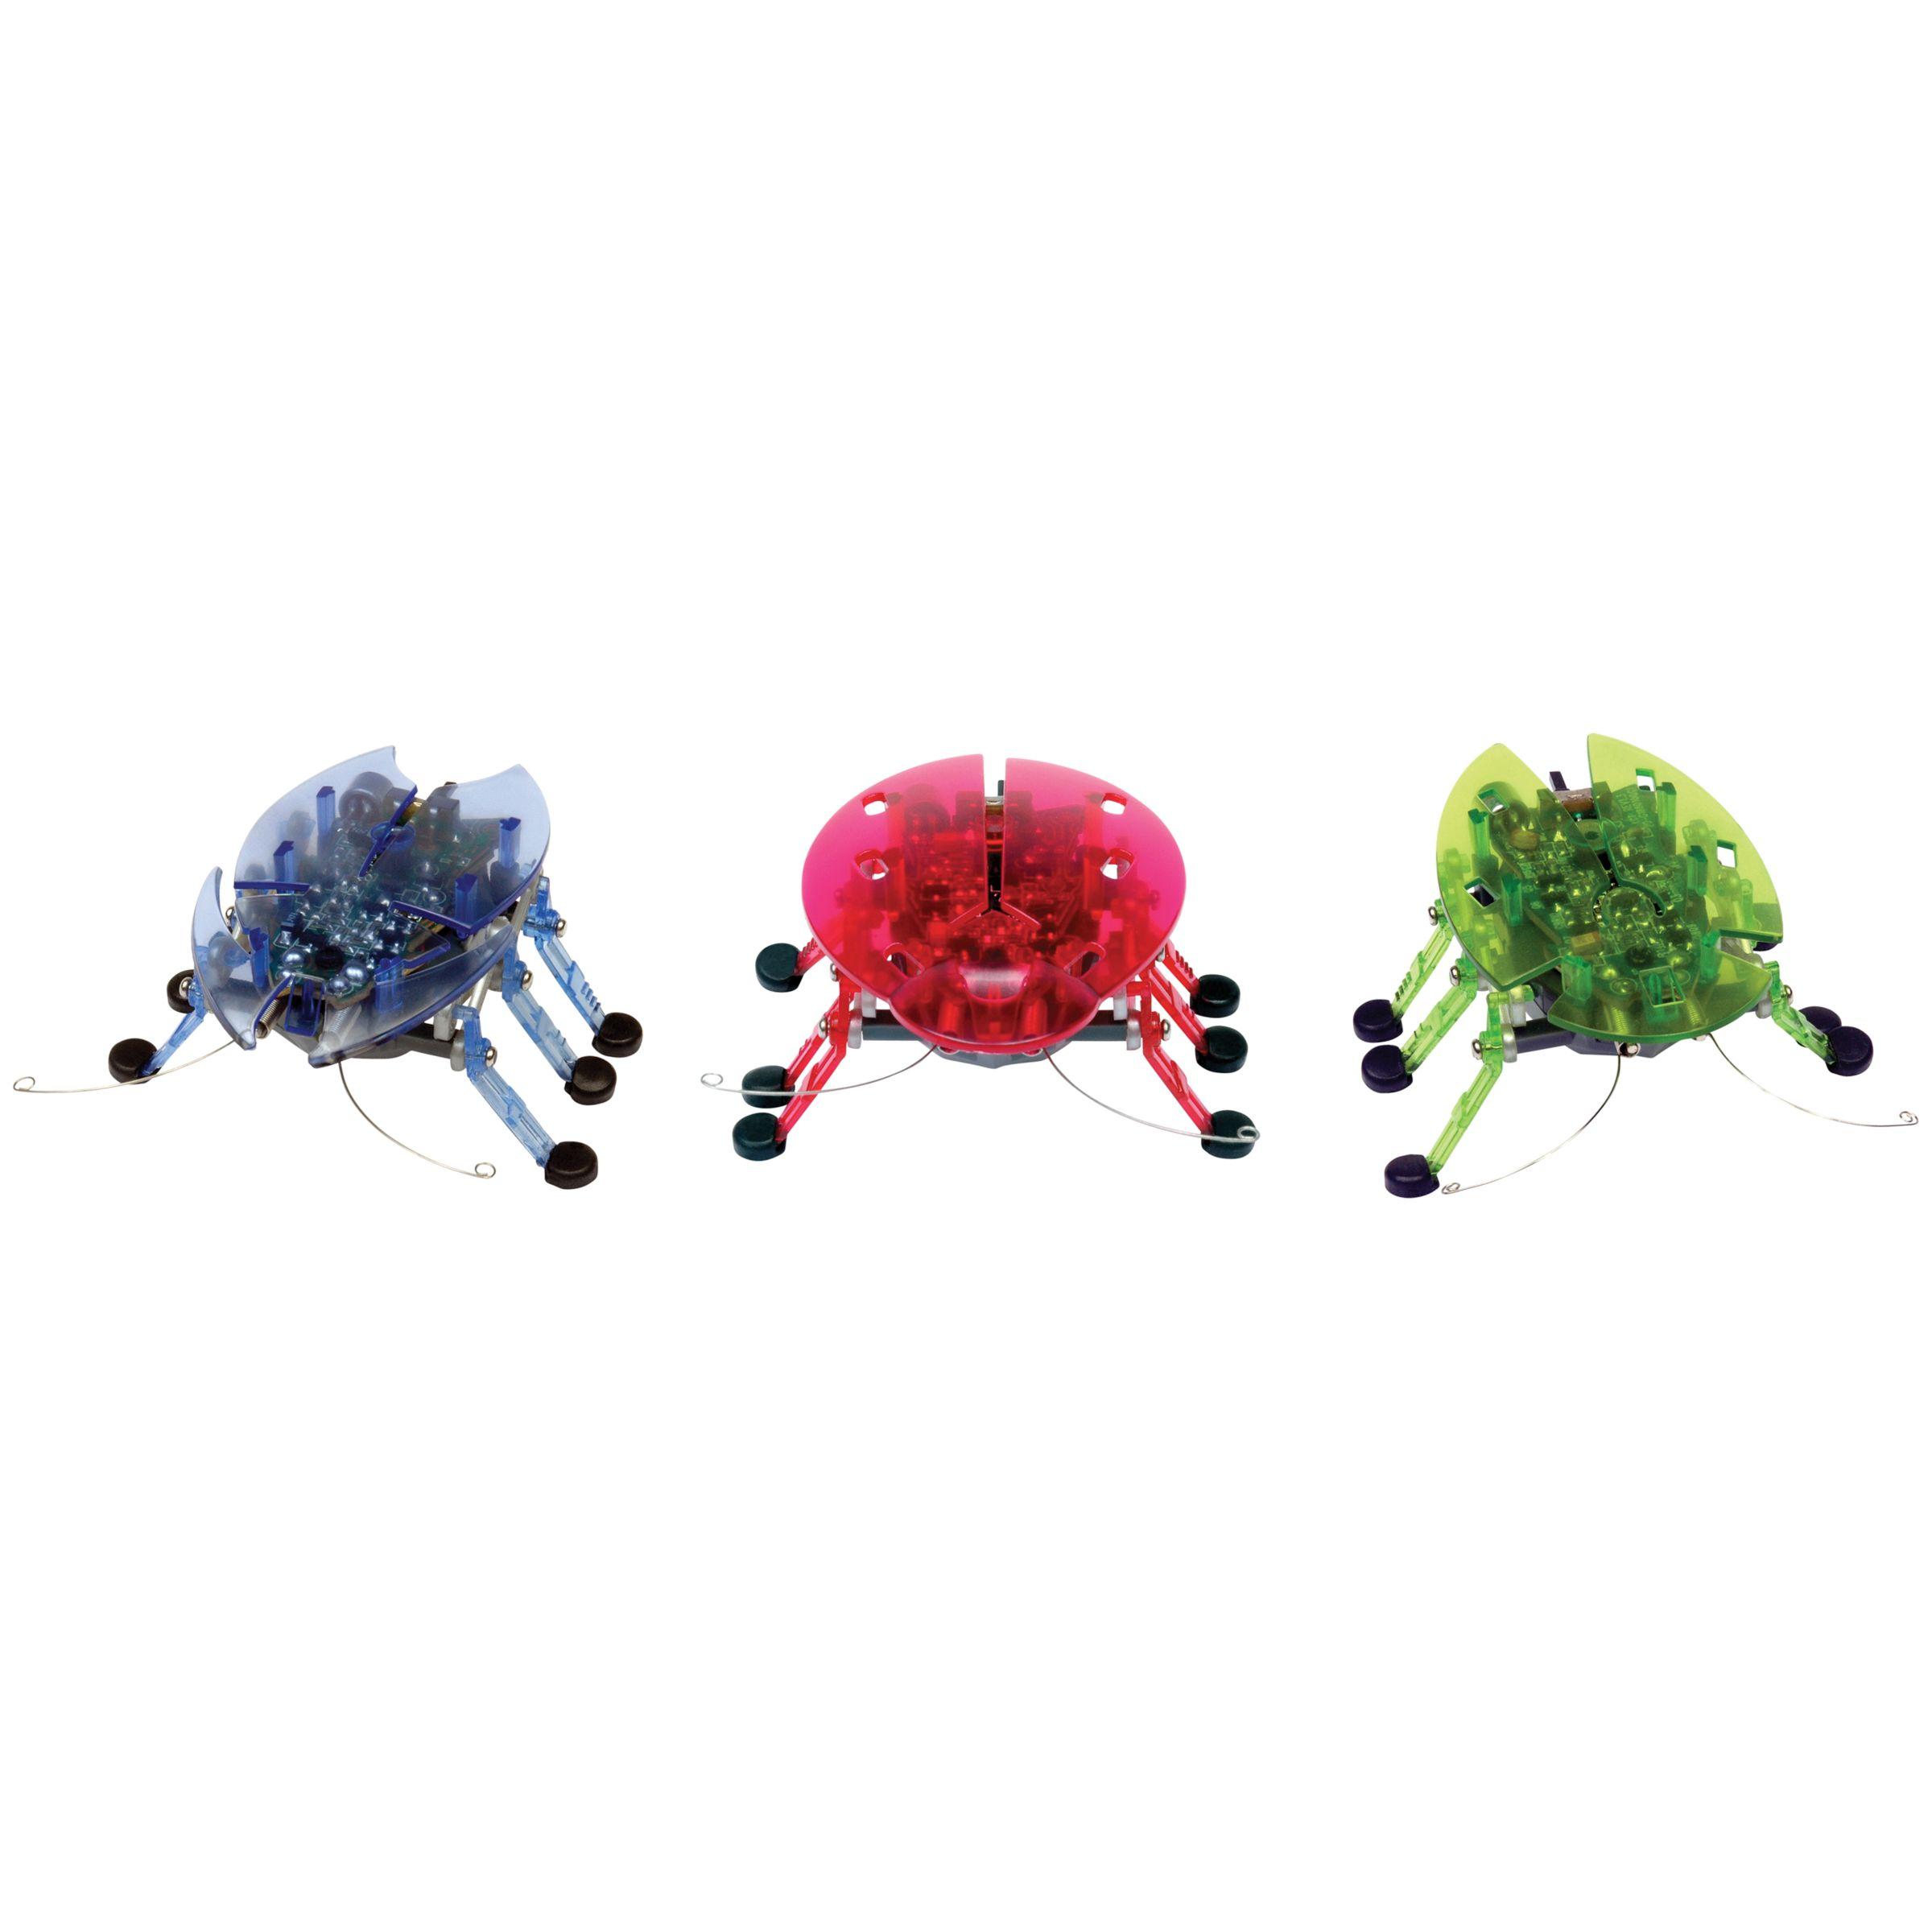 Hexbug Hexbug Beetle, Assorted